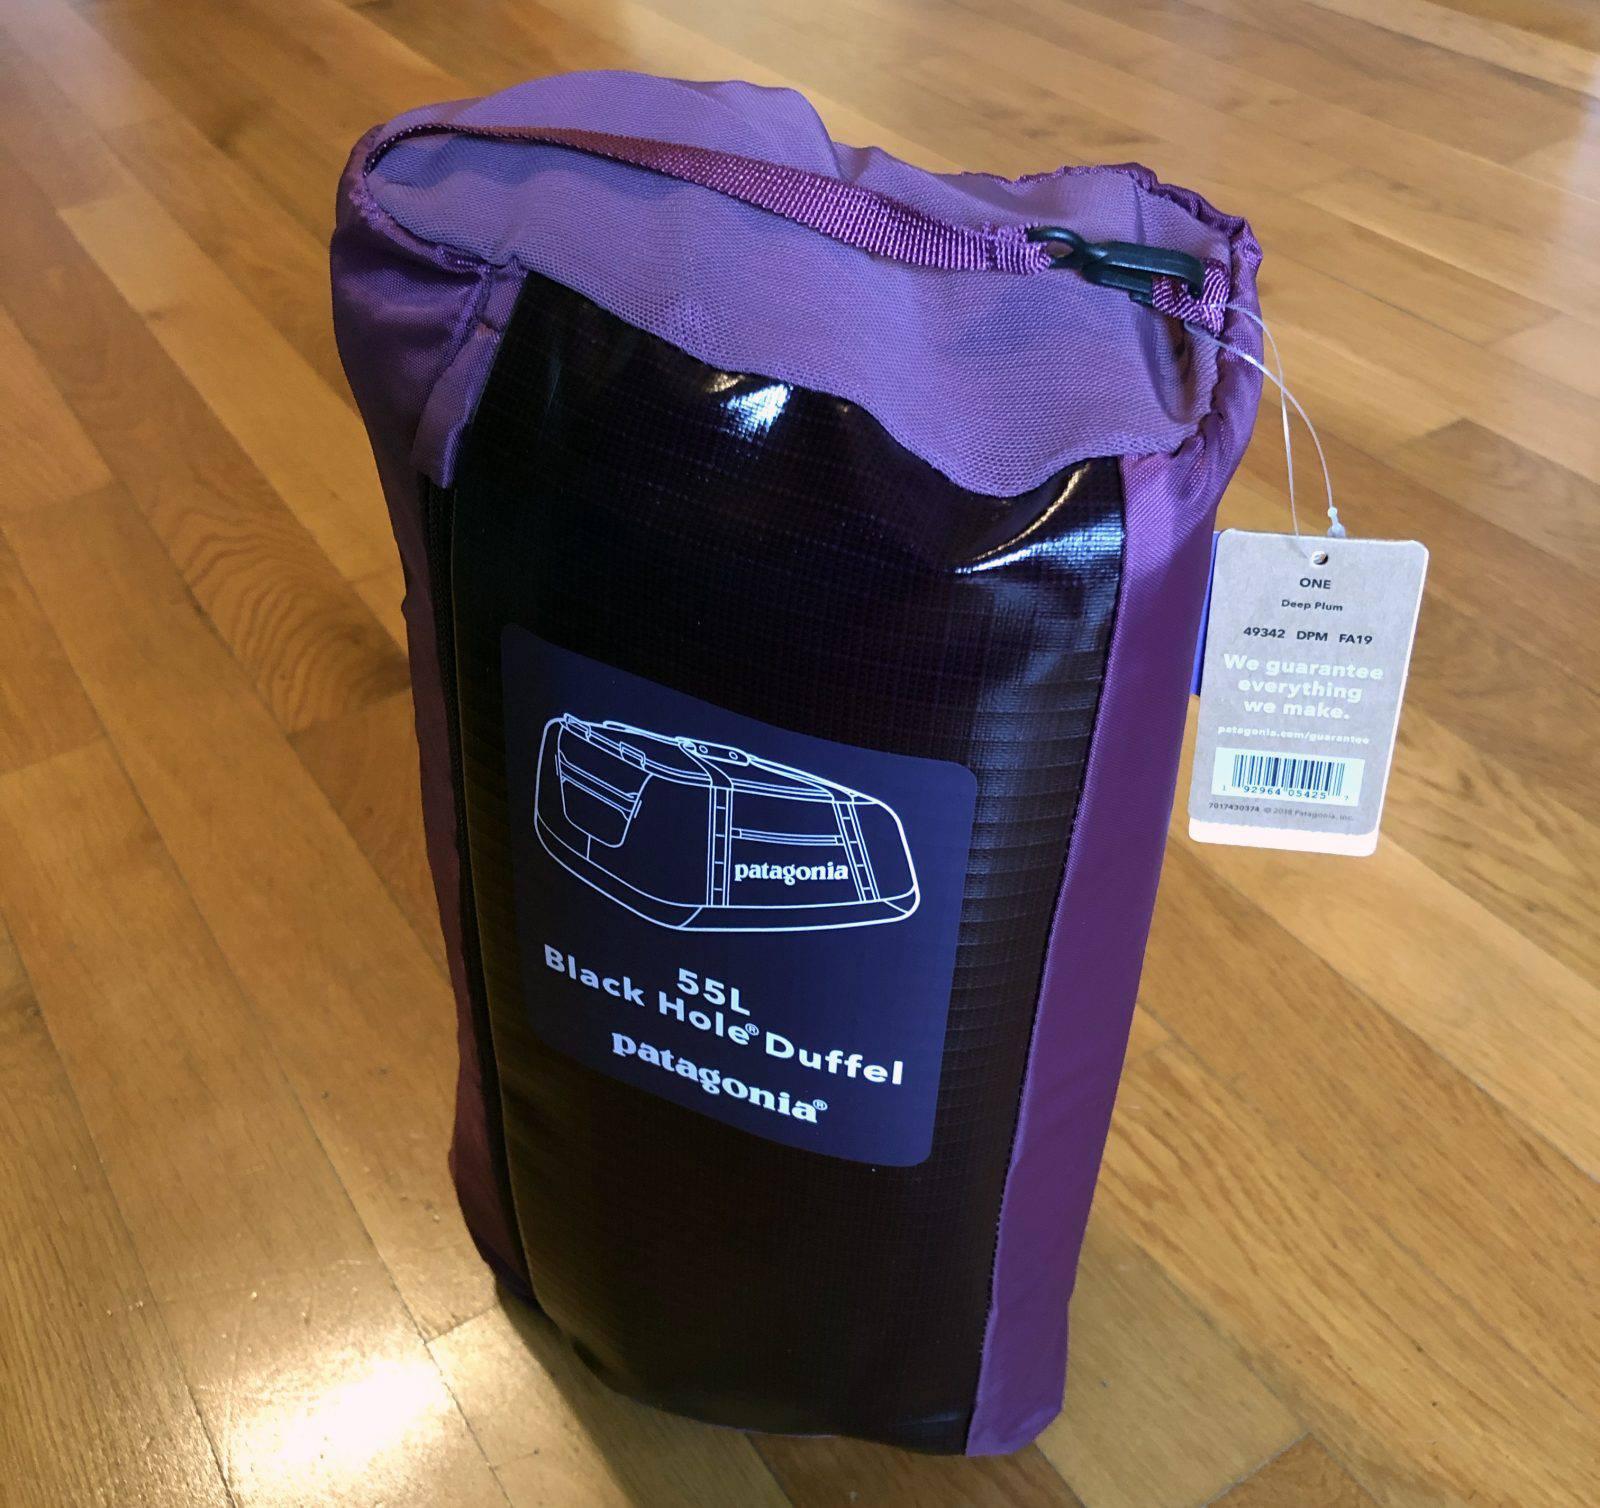 La borsa Patagonia Black Hole Duffel Bag avvolta su se stessa per il trasporto